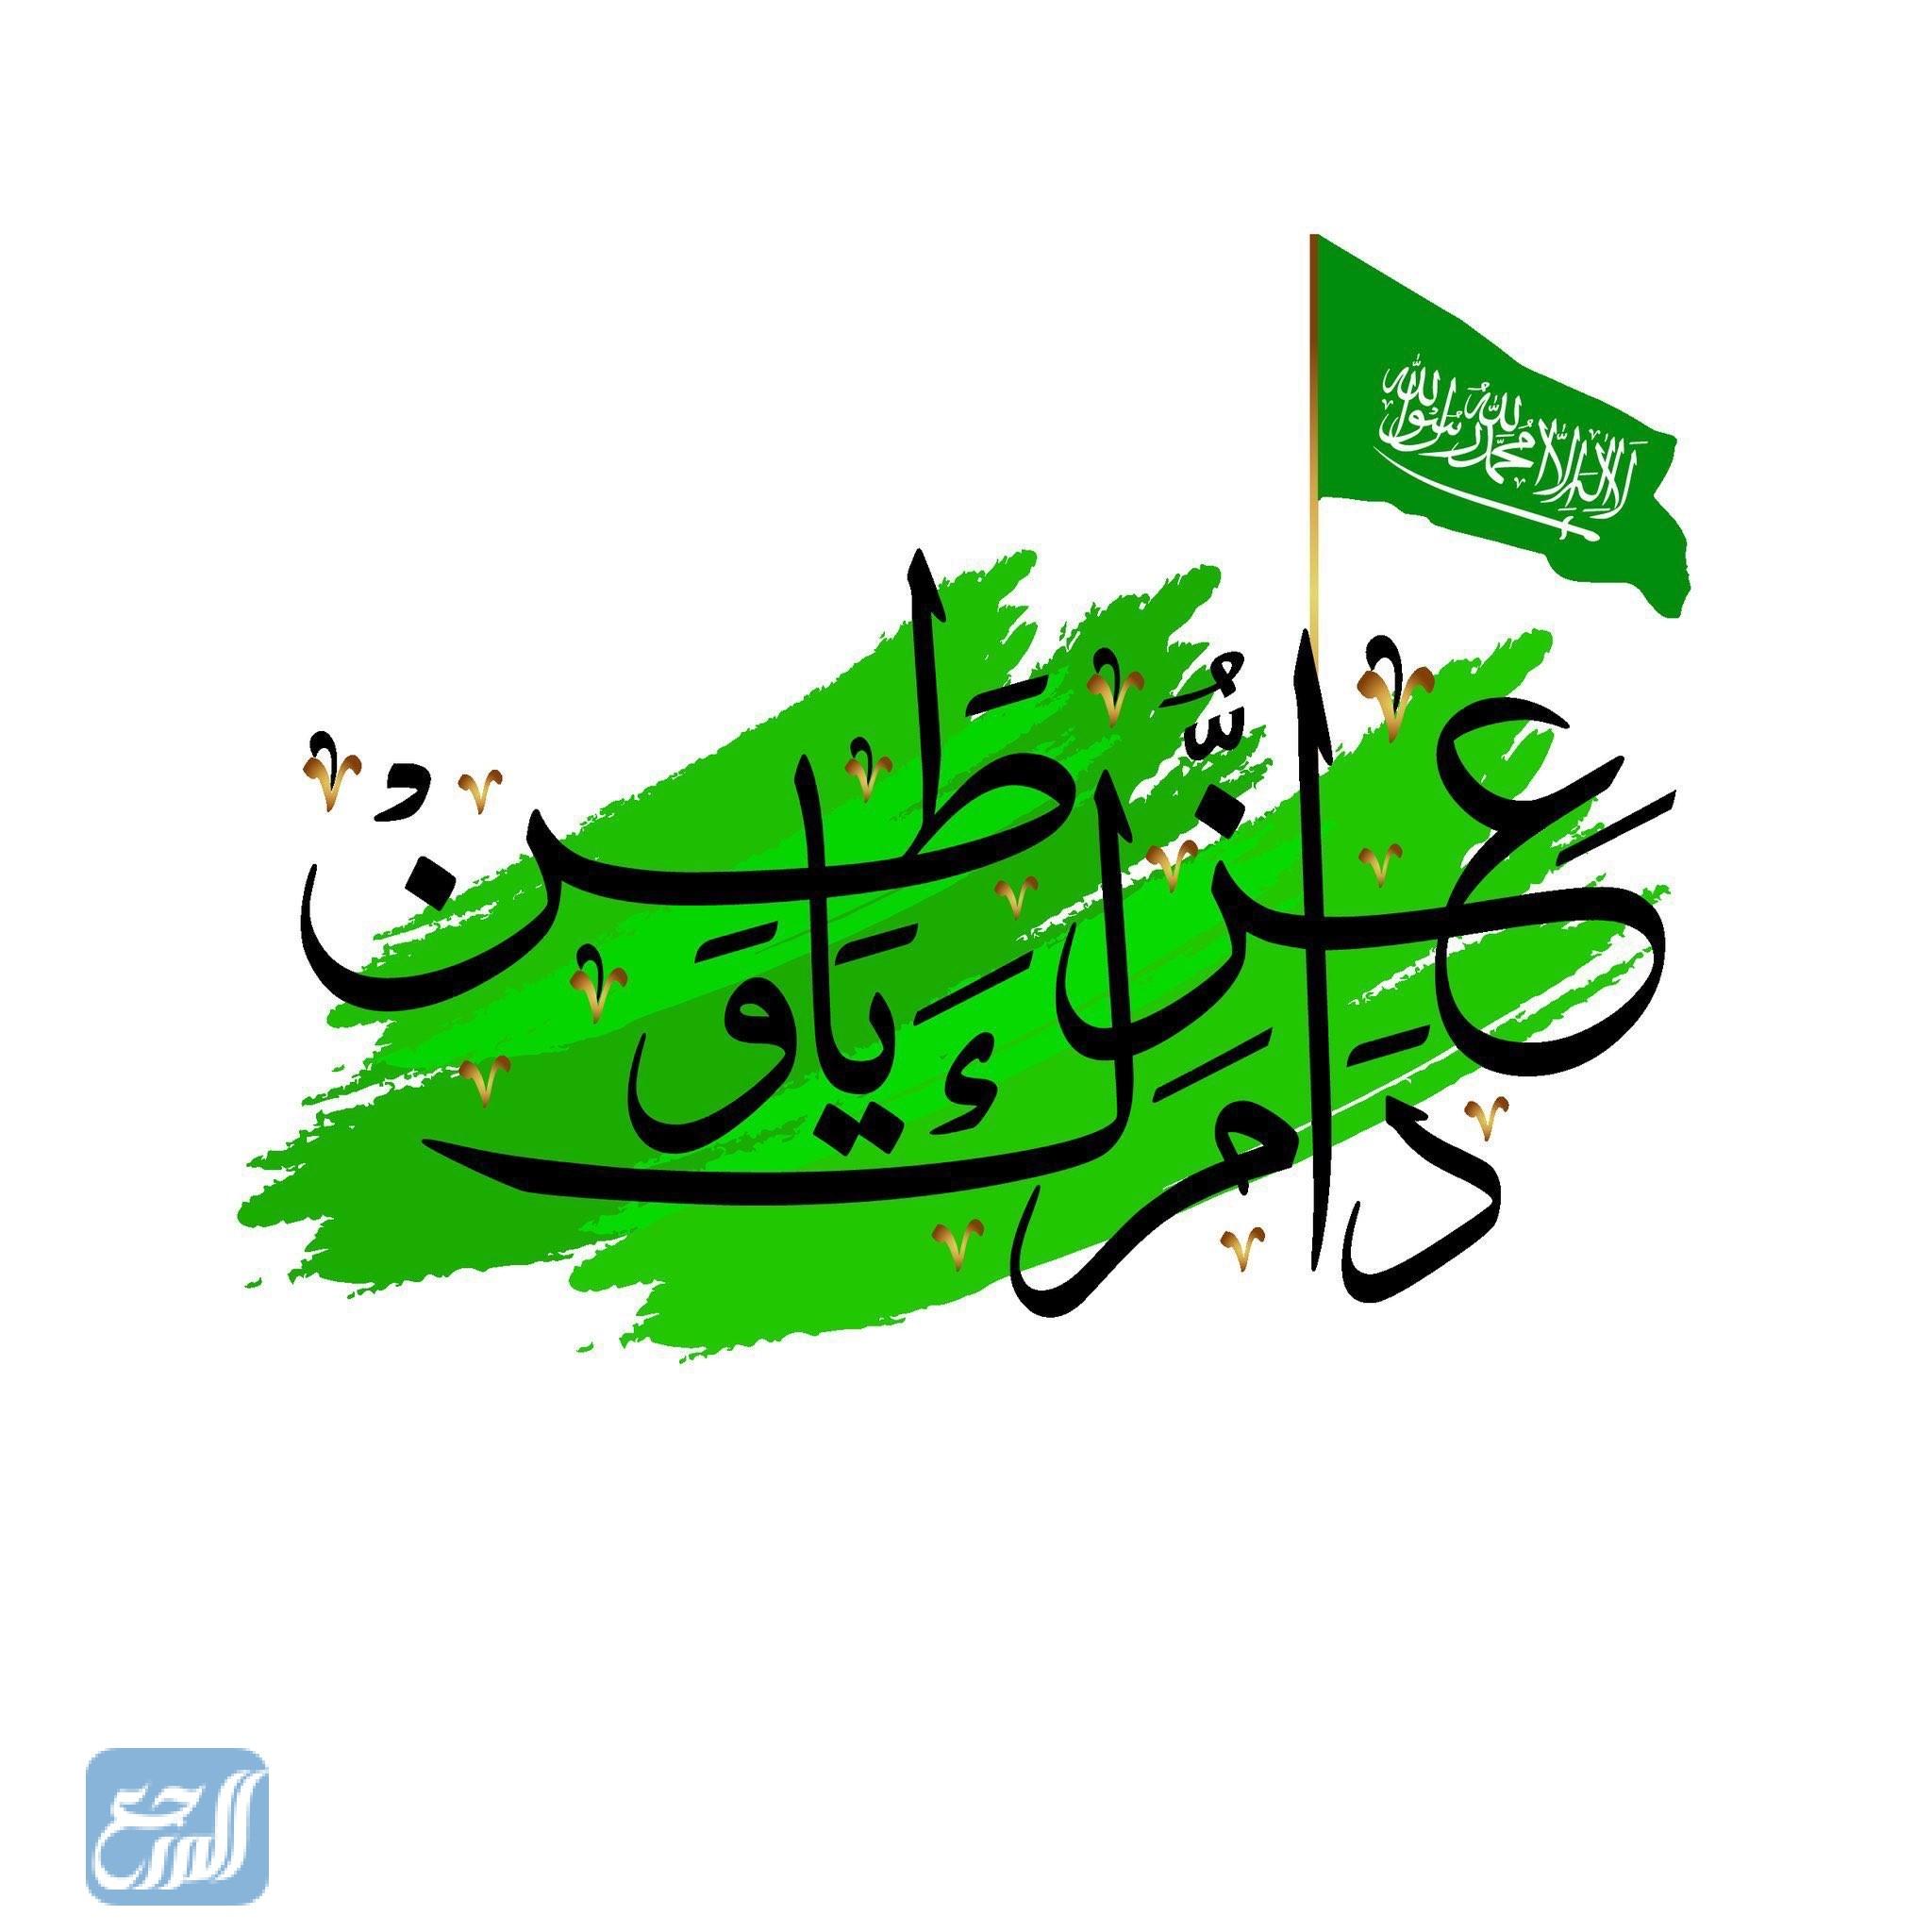 صور عن اليوم الوطني السعودي 91